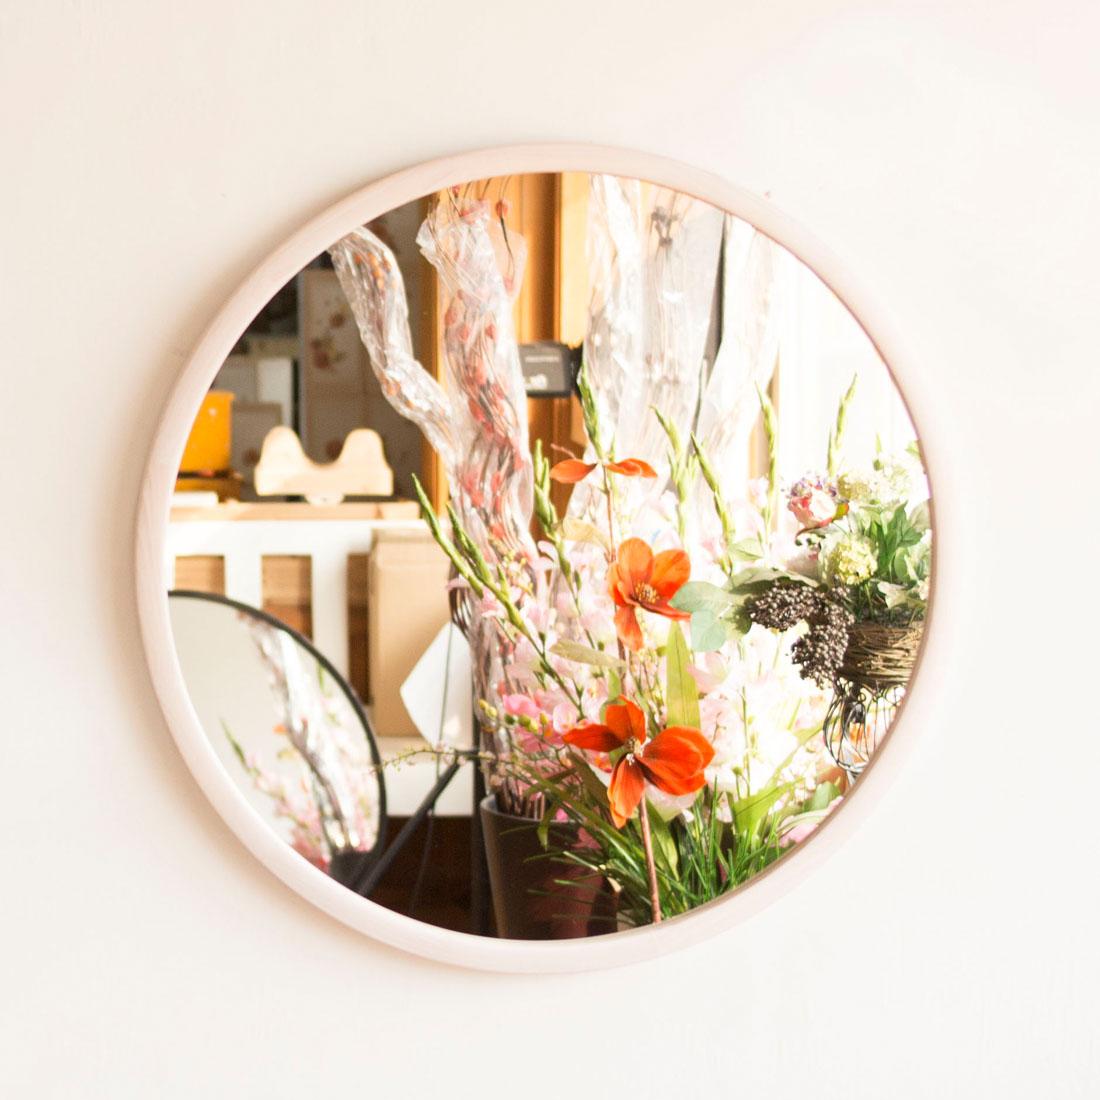 서운아트 오브 원목 원형 벽거울, 화이트